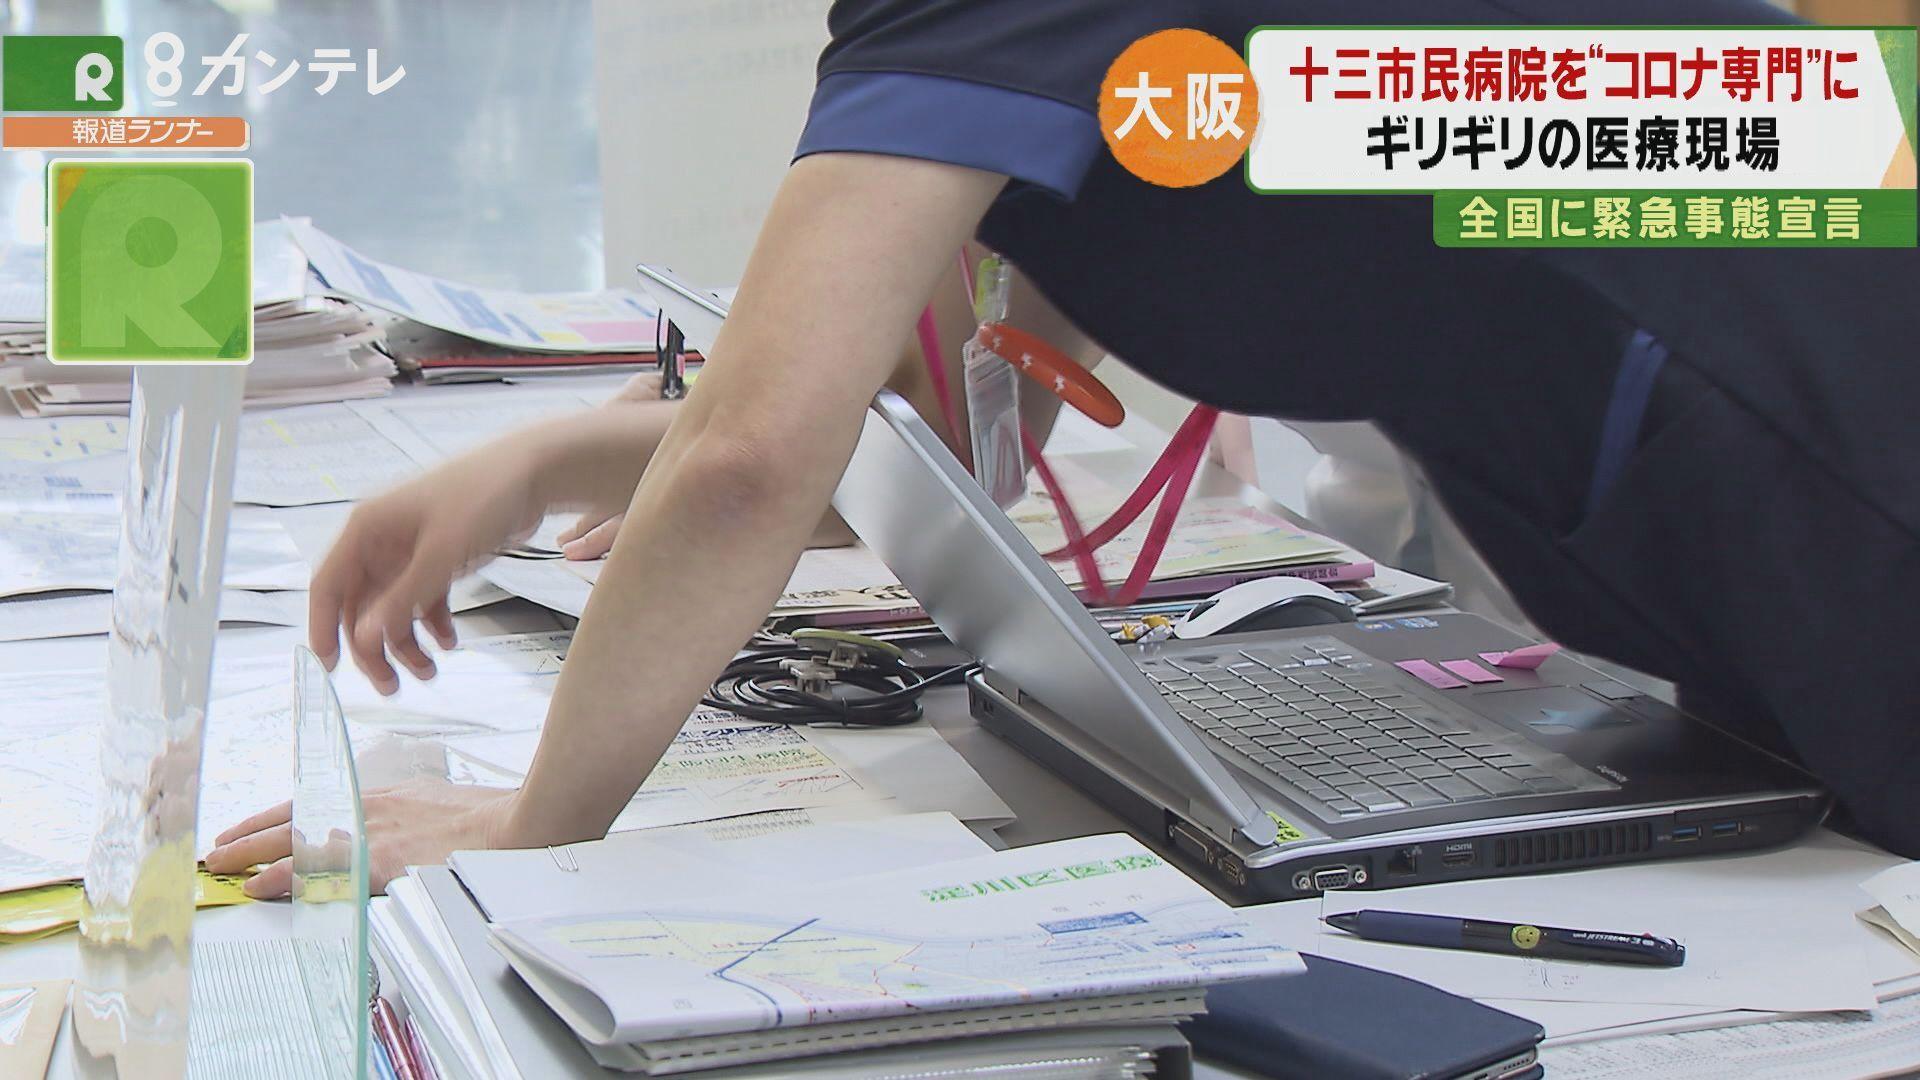 """異例の""""コロナ専門病院""""へ 急な決定で「転院」迫られ…約130人の患者と現場は混乱も 大阪・十三市民病院"""